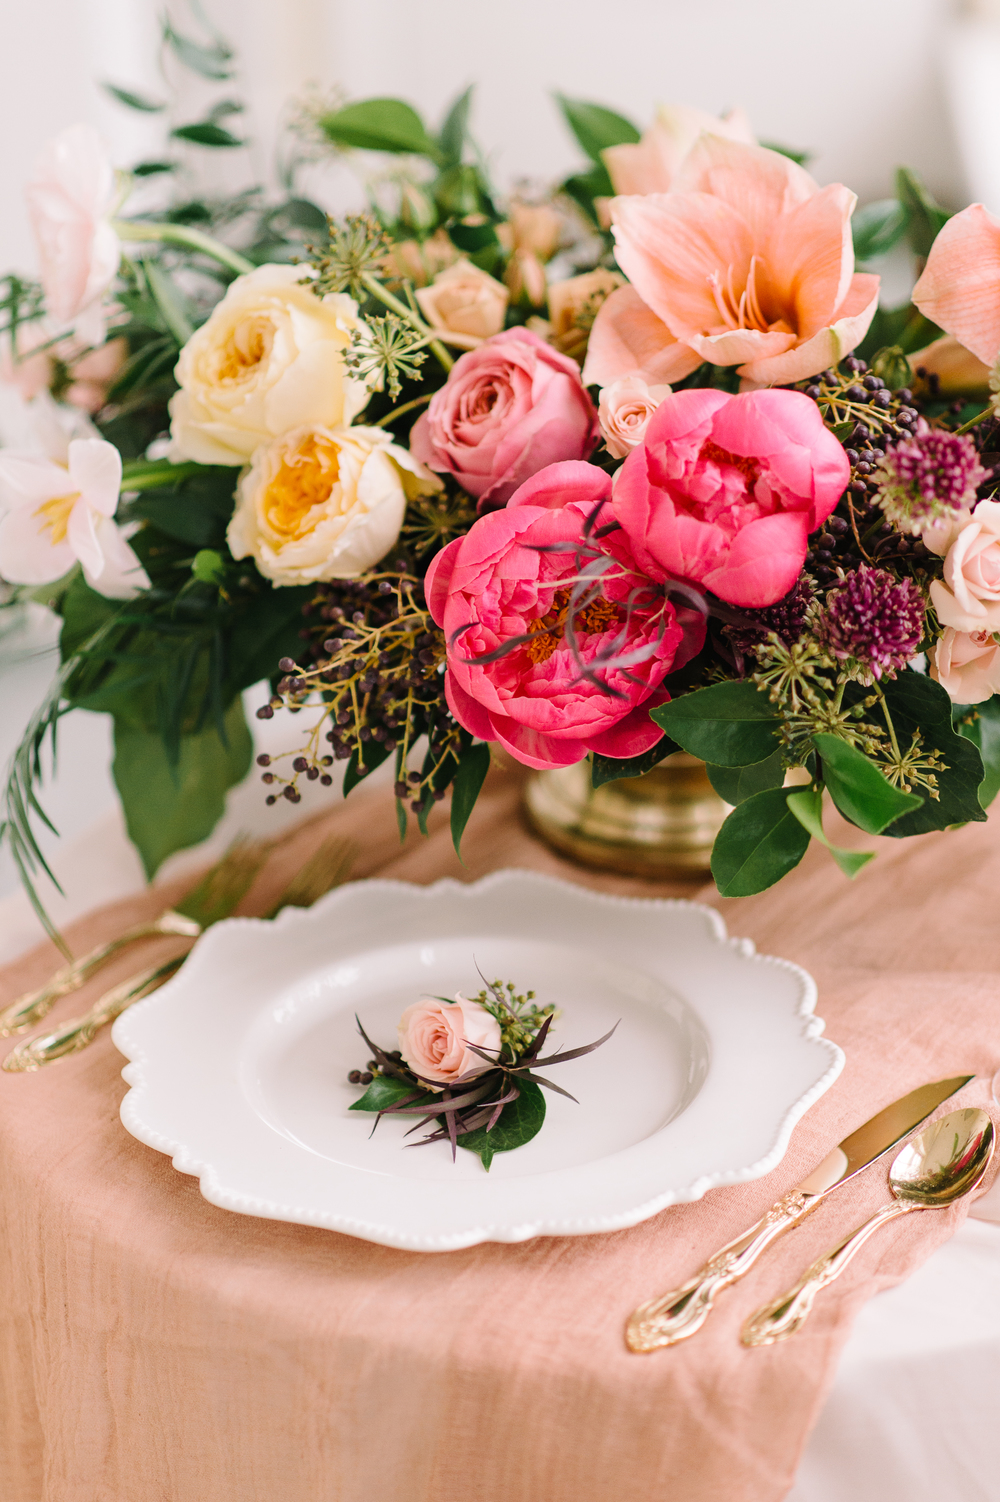 garden-style bright floral centrepiece | Quill+Oak Floral Design Toronto, Hamilton, Niagara